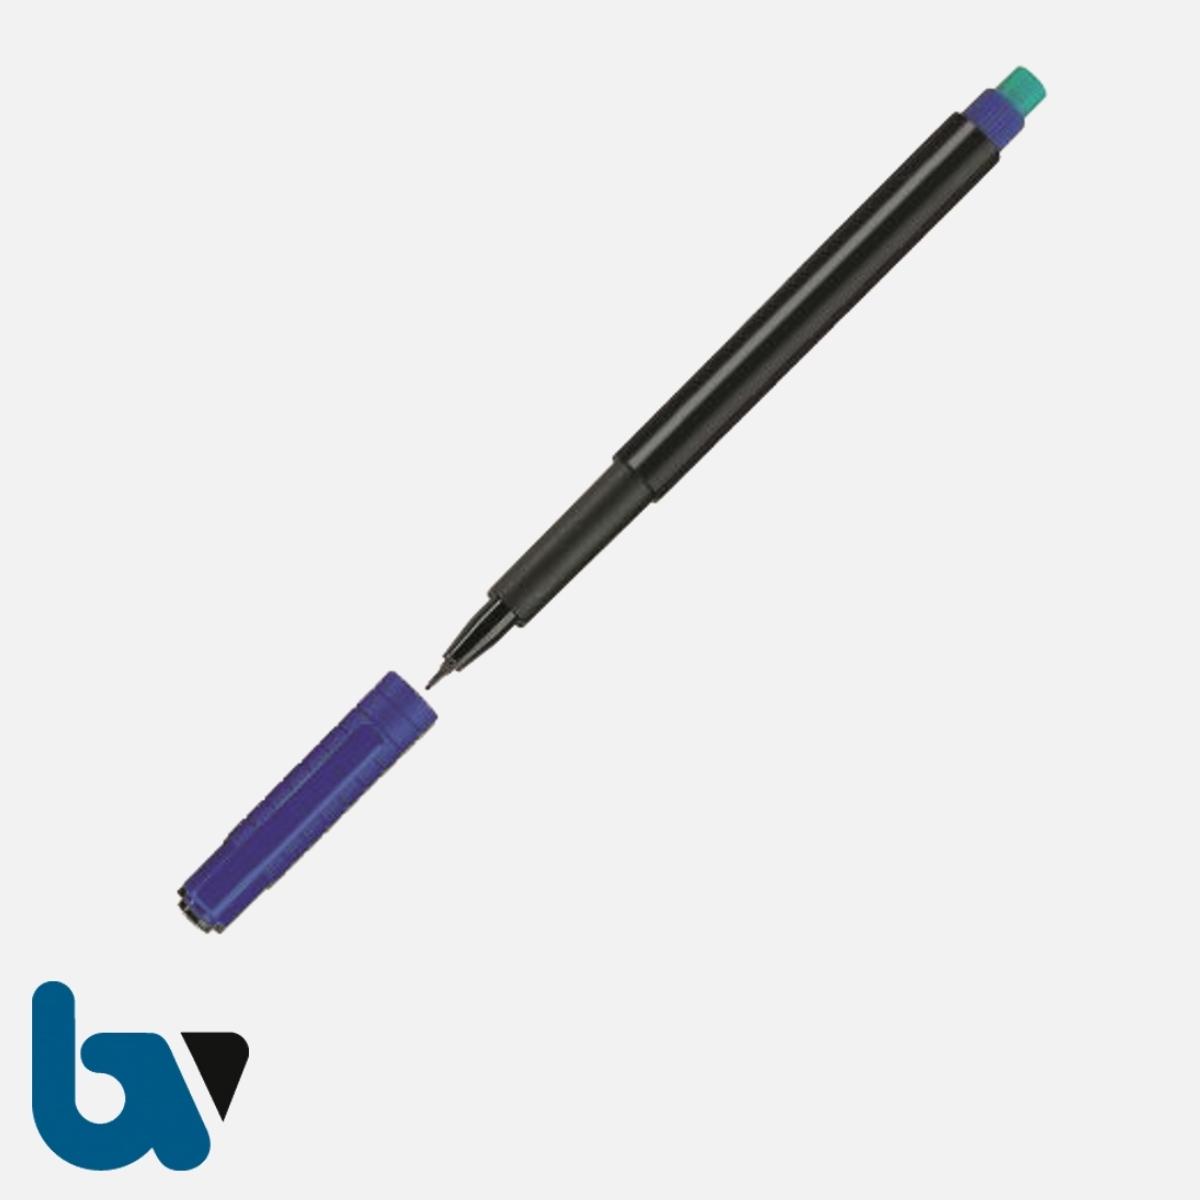 0/519-23.1 Dokumentenstifte dokumentenecht 0,4 mm blau   Borgard Verlag GmbH